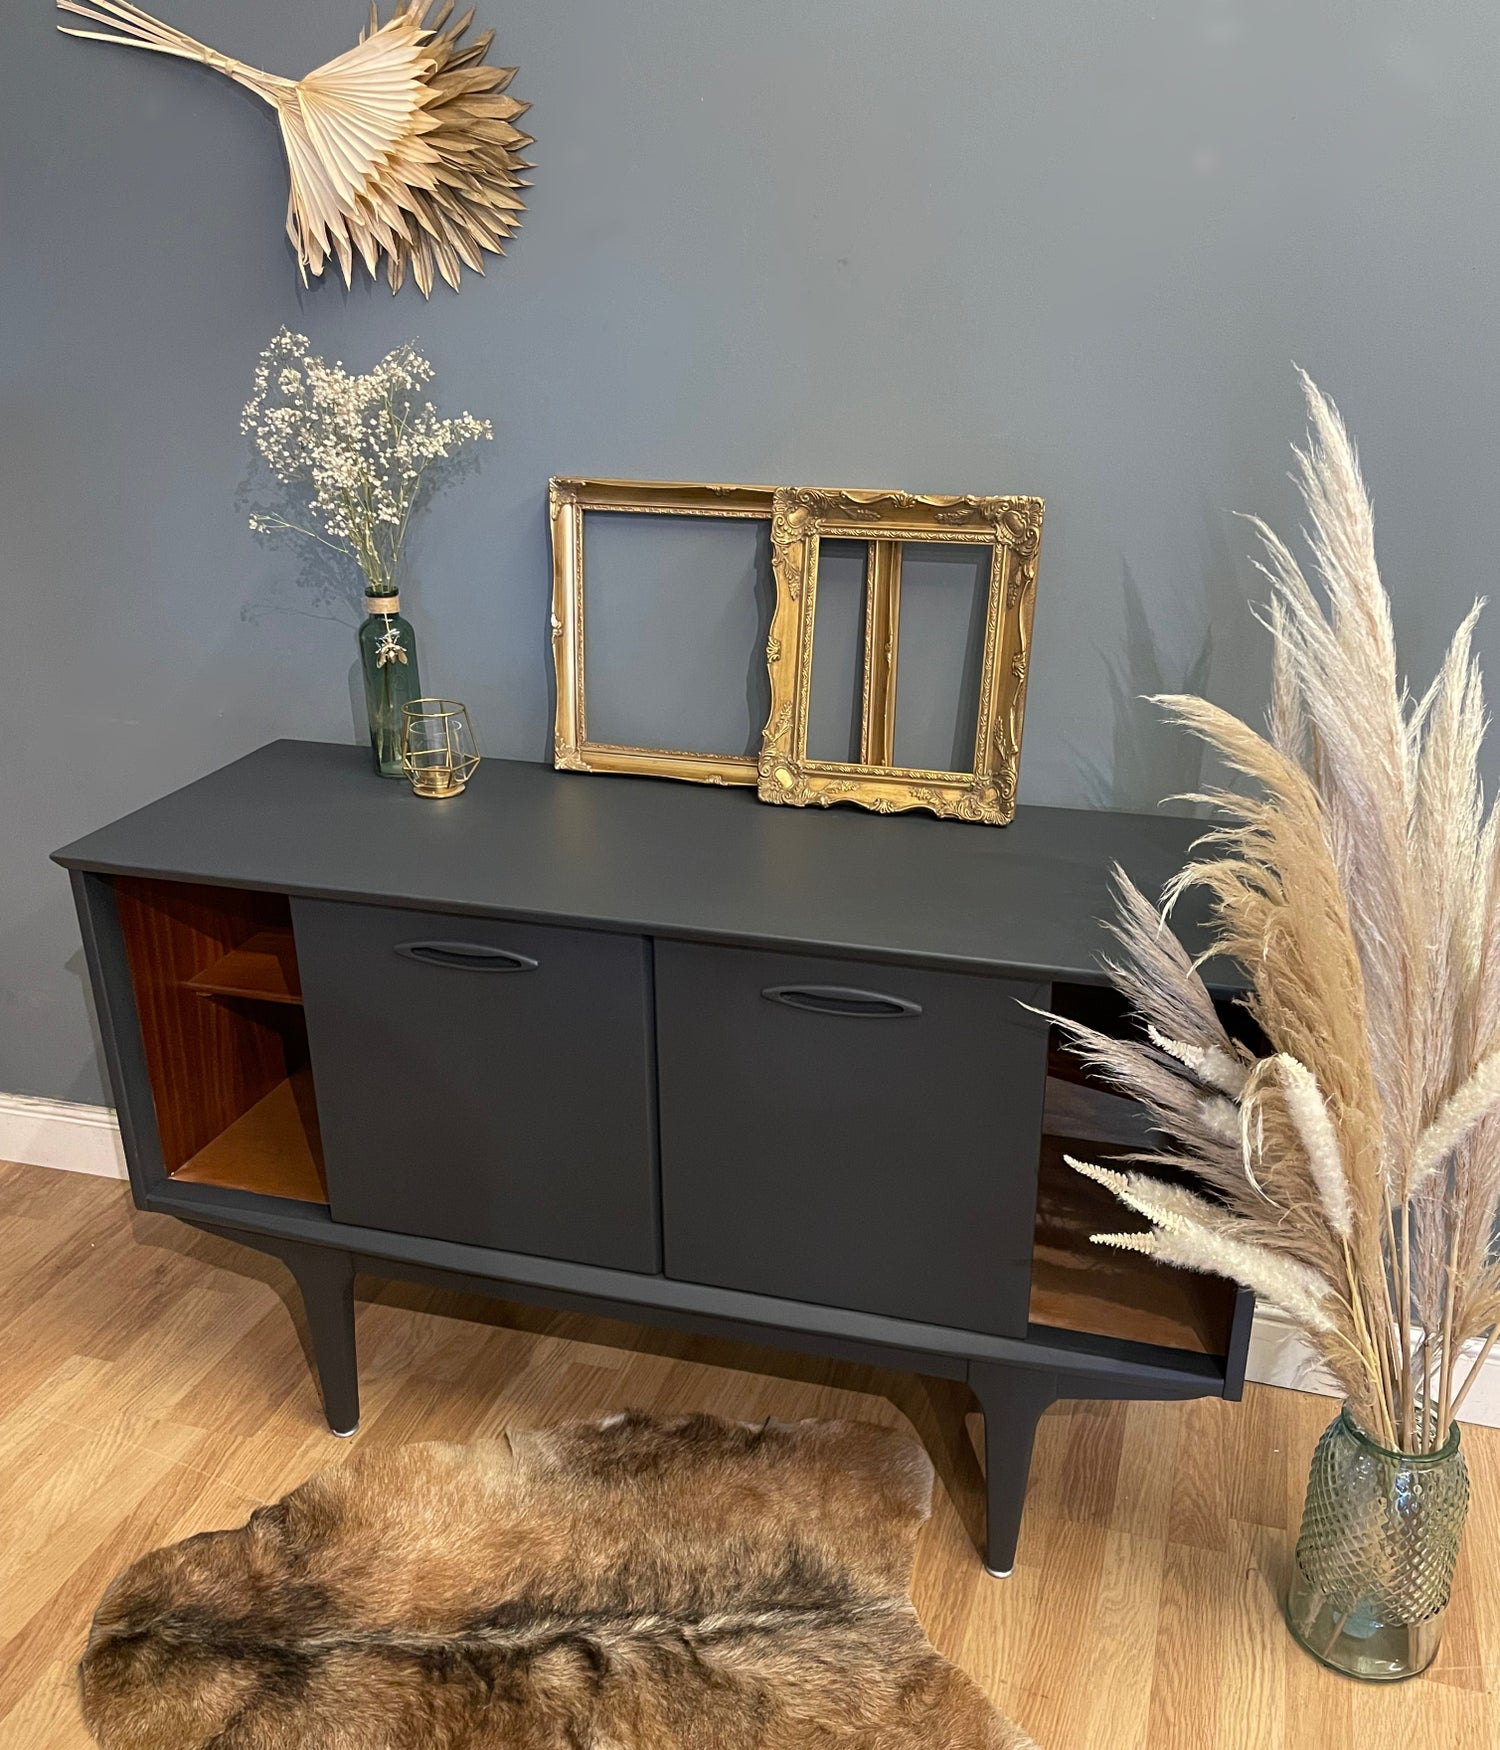 Image of Dark grey Jentique teal sideboard